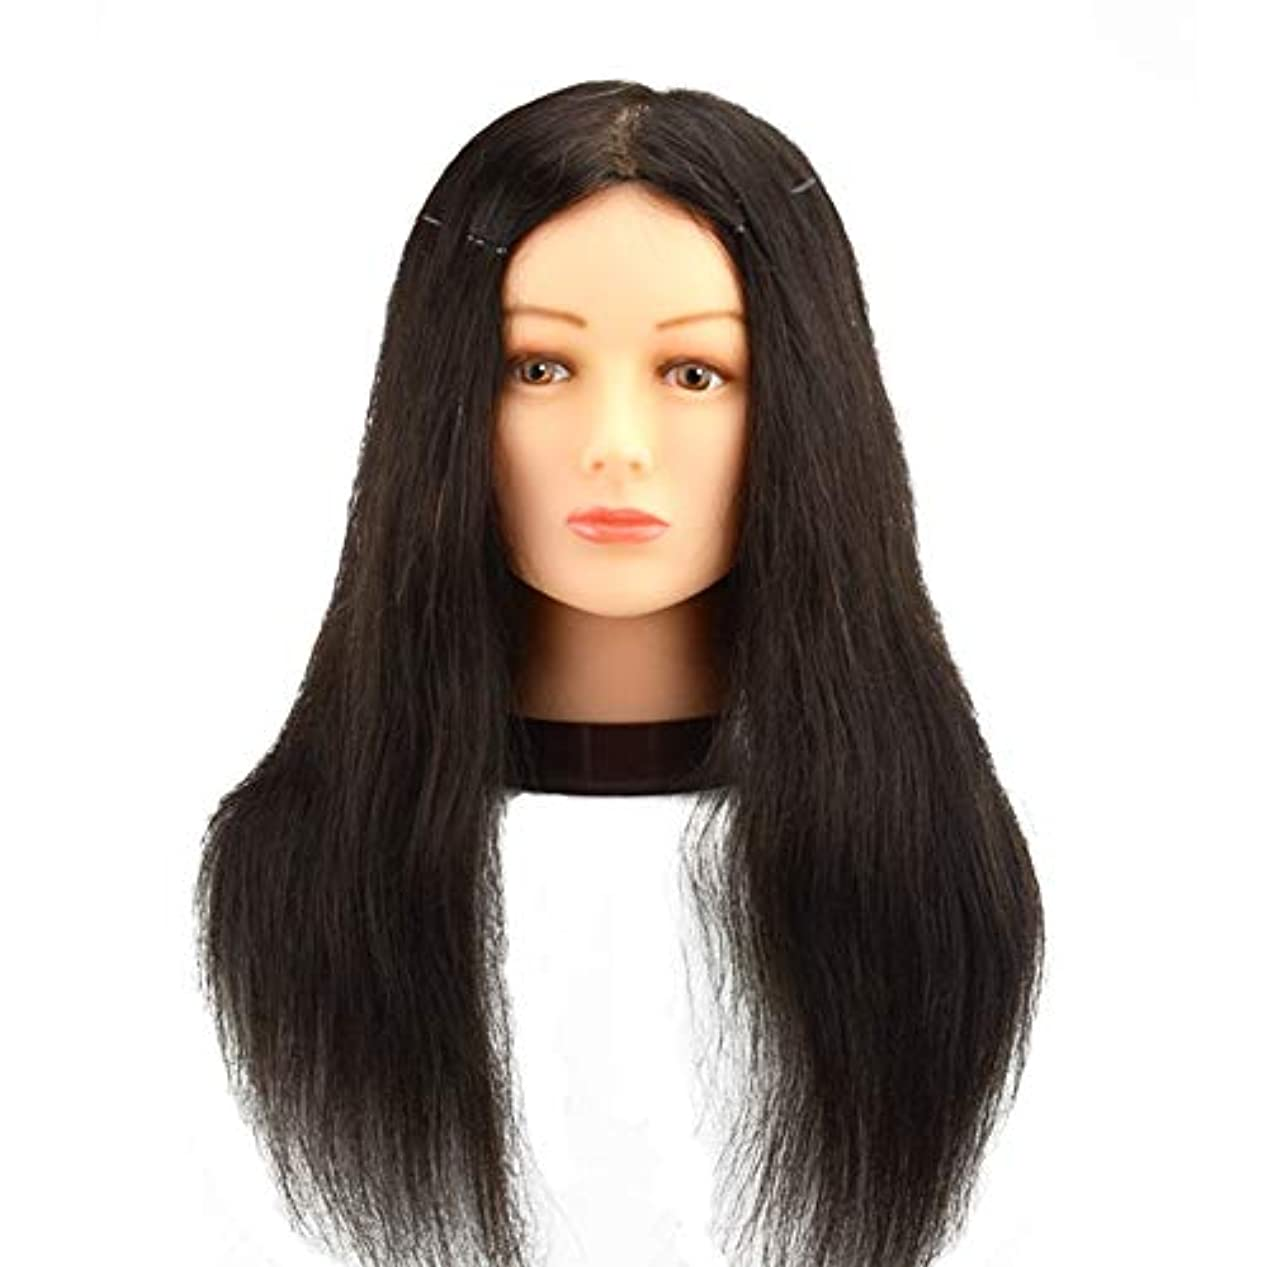 色合い他のバンドで明確に理髪店パーマ髪染め練習かつらヘッドモデルリアルヘアマネキンヘッド化粧散髪練習ダミーヘッド,20inches